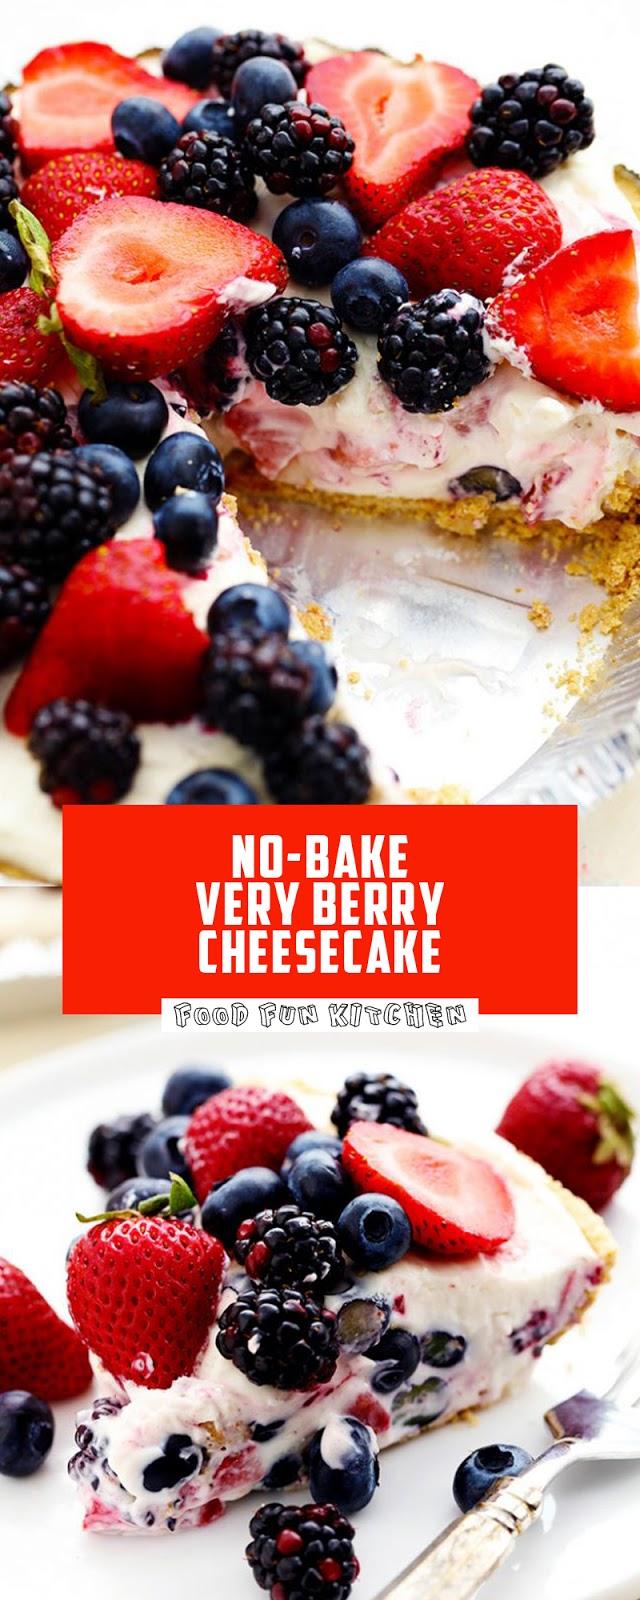 NO BAKE VERY BERRY CHEESECAKE